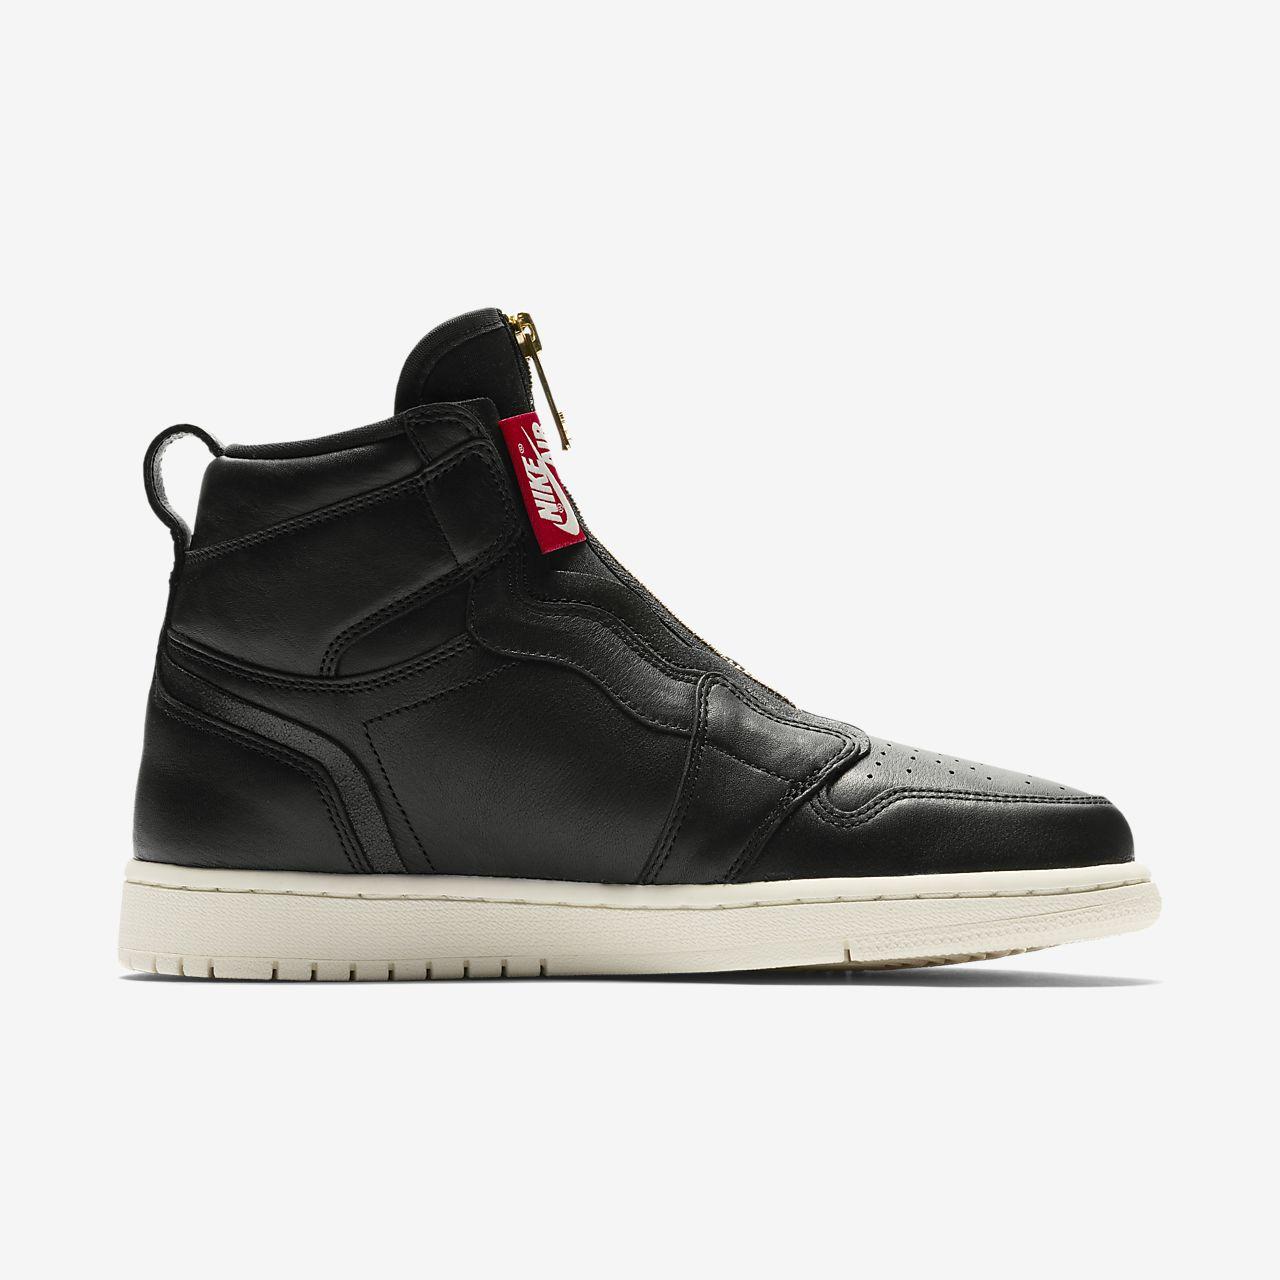 innovative design 58951 7af9e ... Air Jordan 1 High Zip Women s Shoe